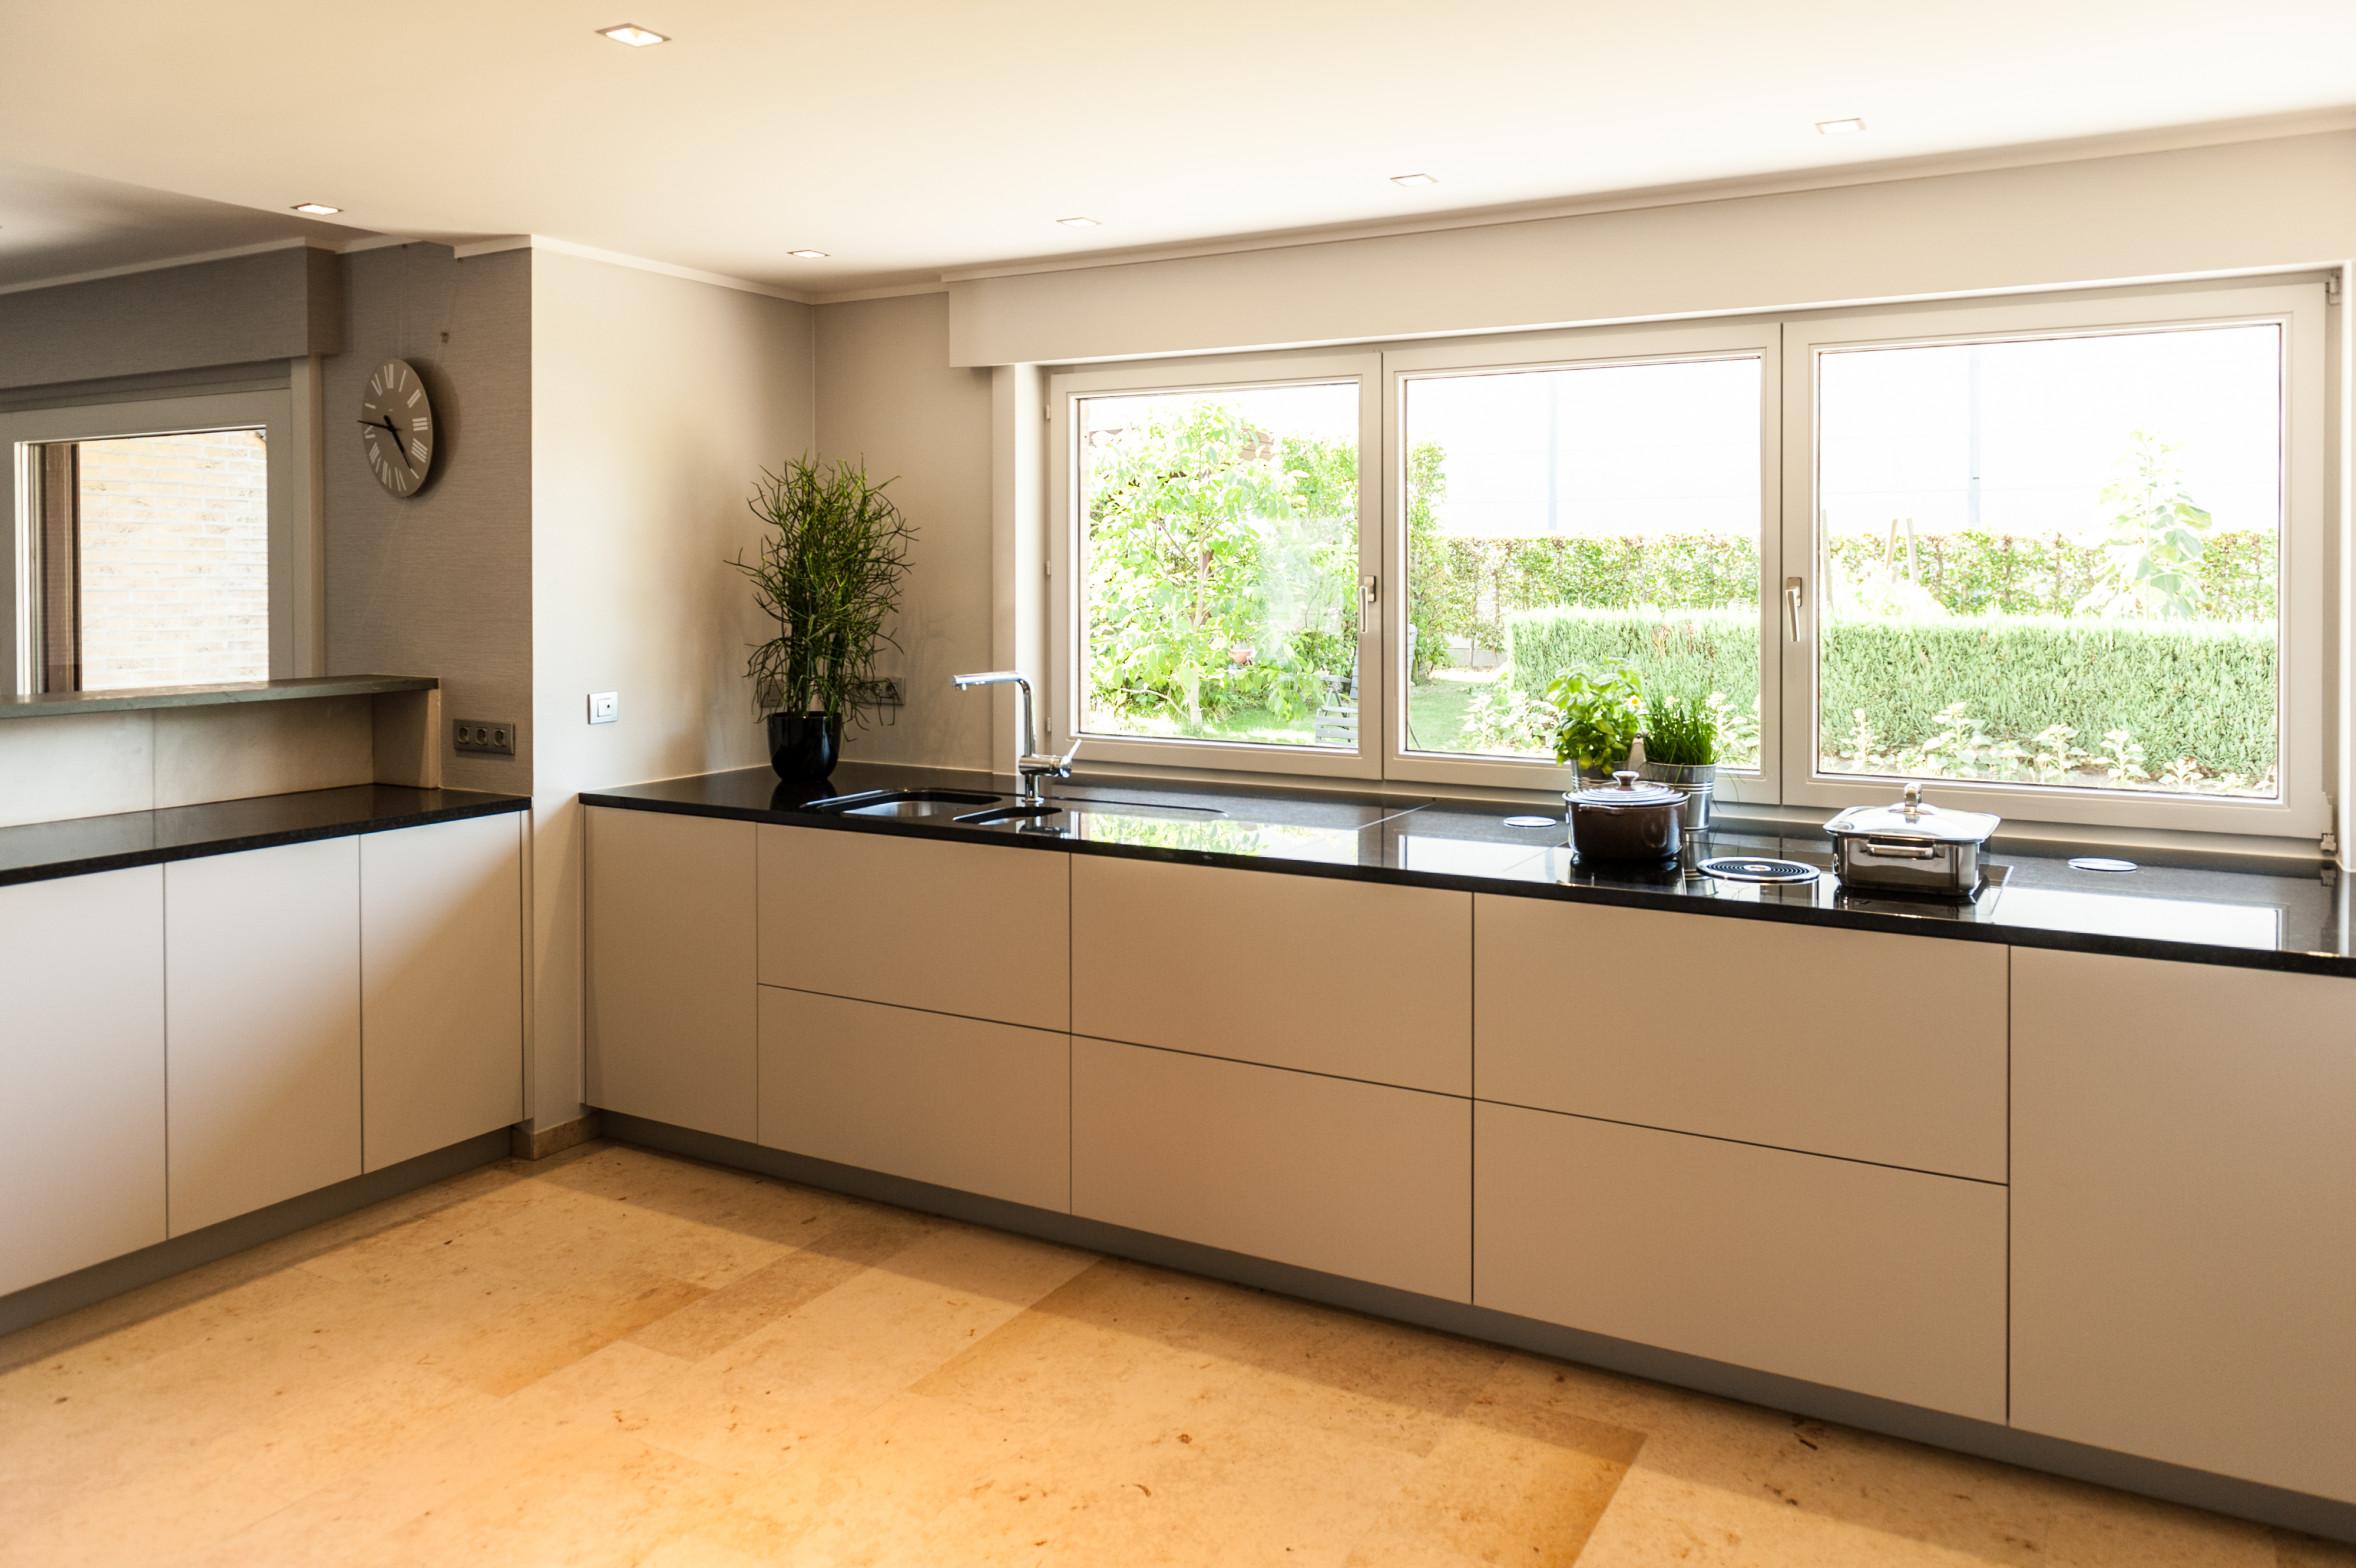 moderne keuken met inbouw tafelventilatie BORA BASIC.jpg